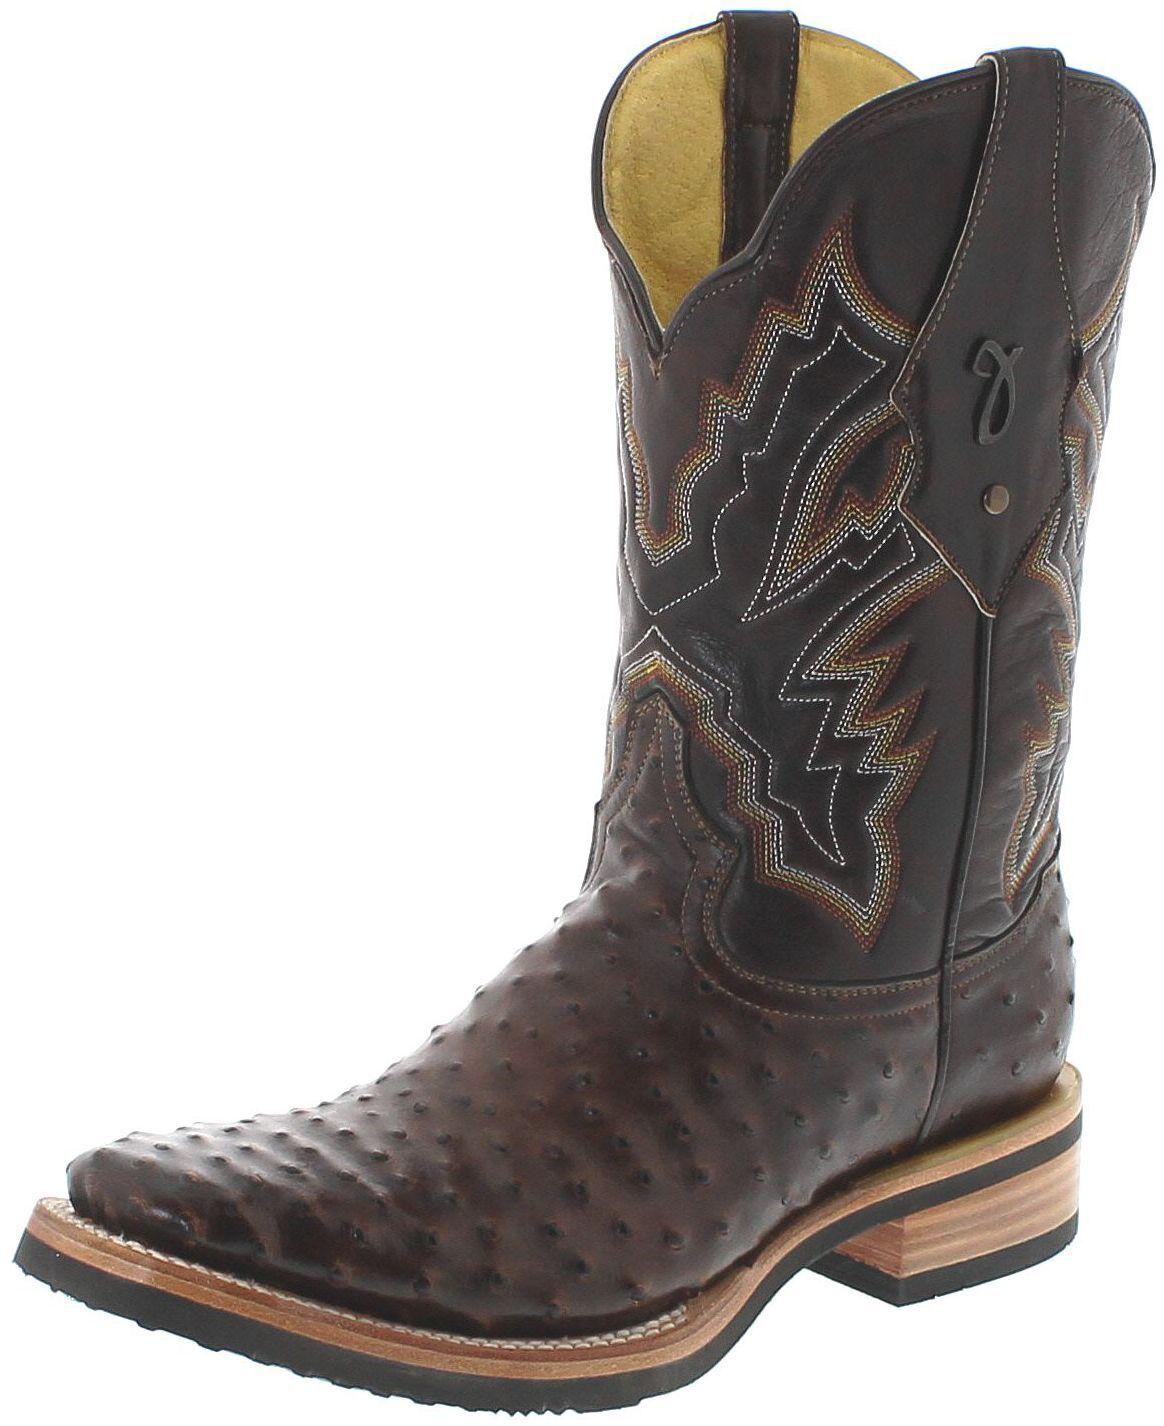 FB fashion botas by botas Jaca ca1598 choco cafe botas de cuero para hombre marrón